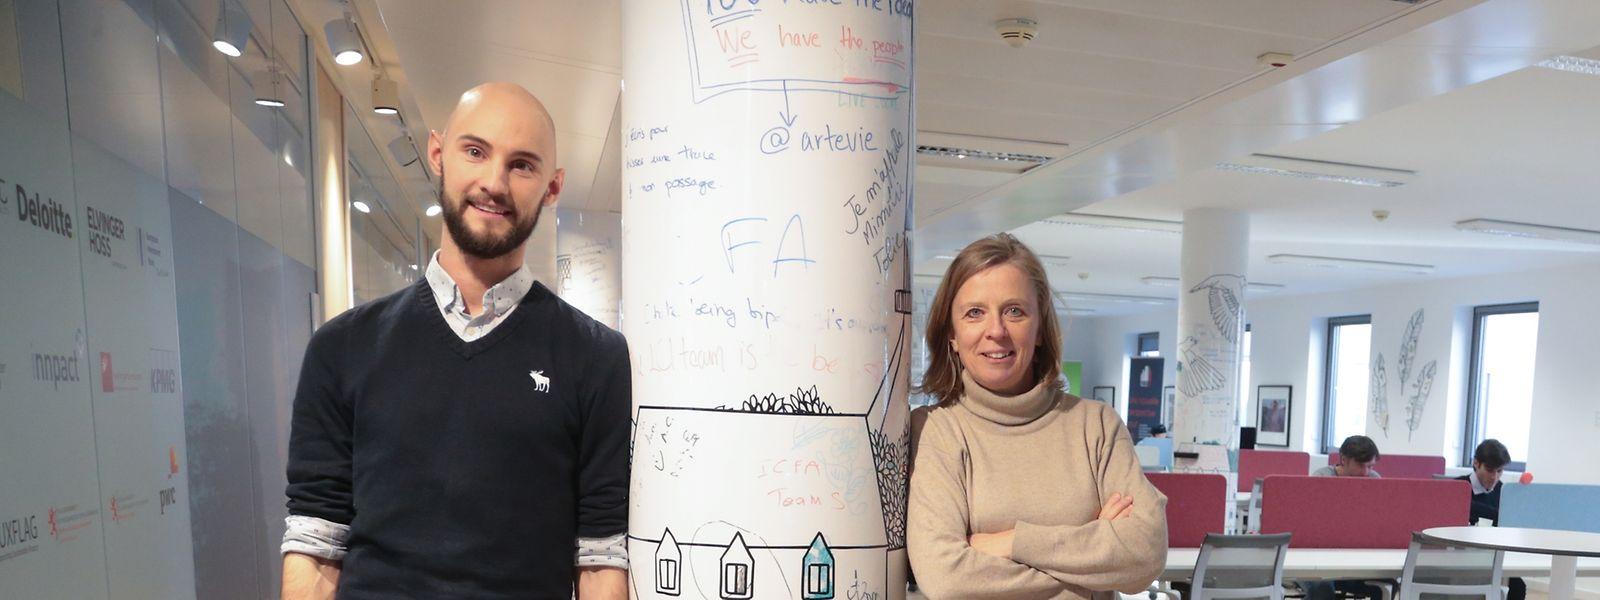 Lennart Duschinger und Innpact-Direktorin Corinne Molitor machen aus vielversprechenden Projekten Impakt-Fonds.